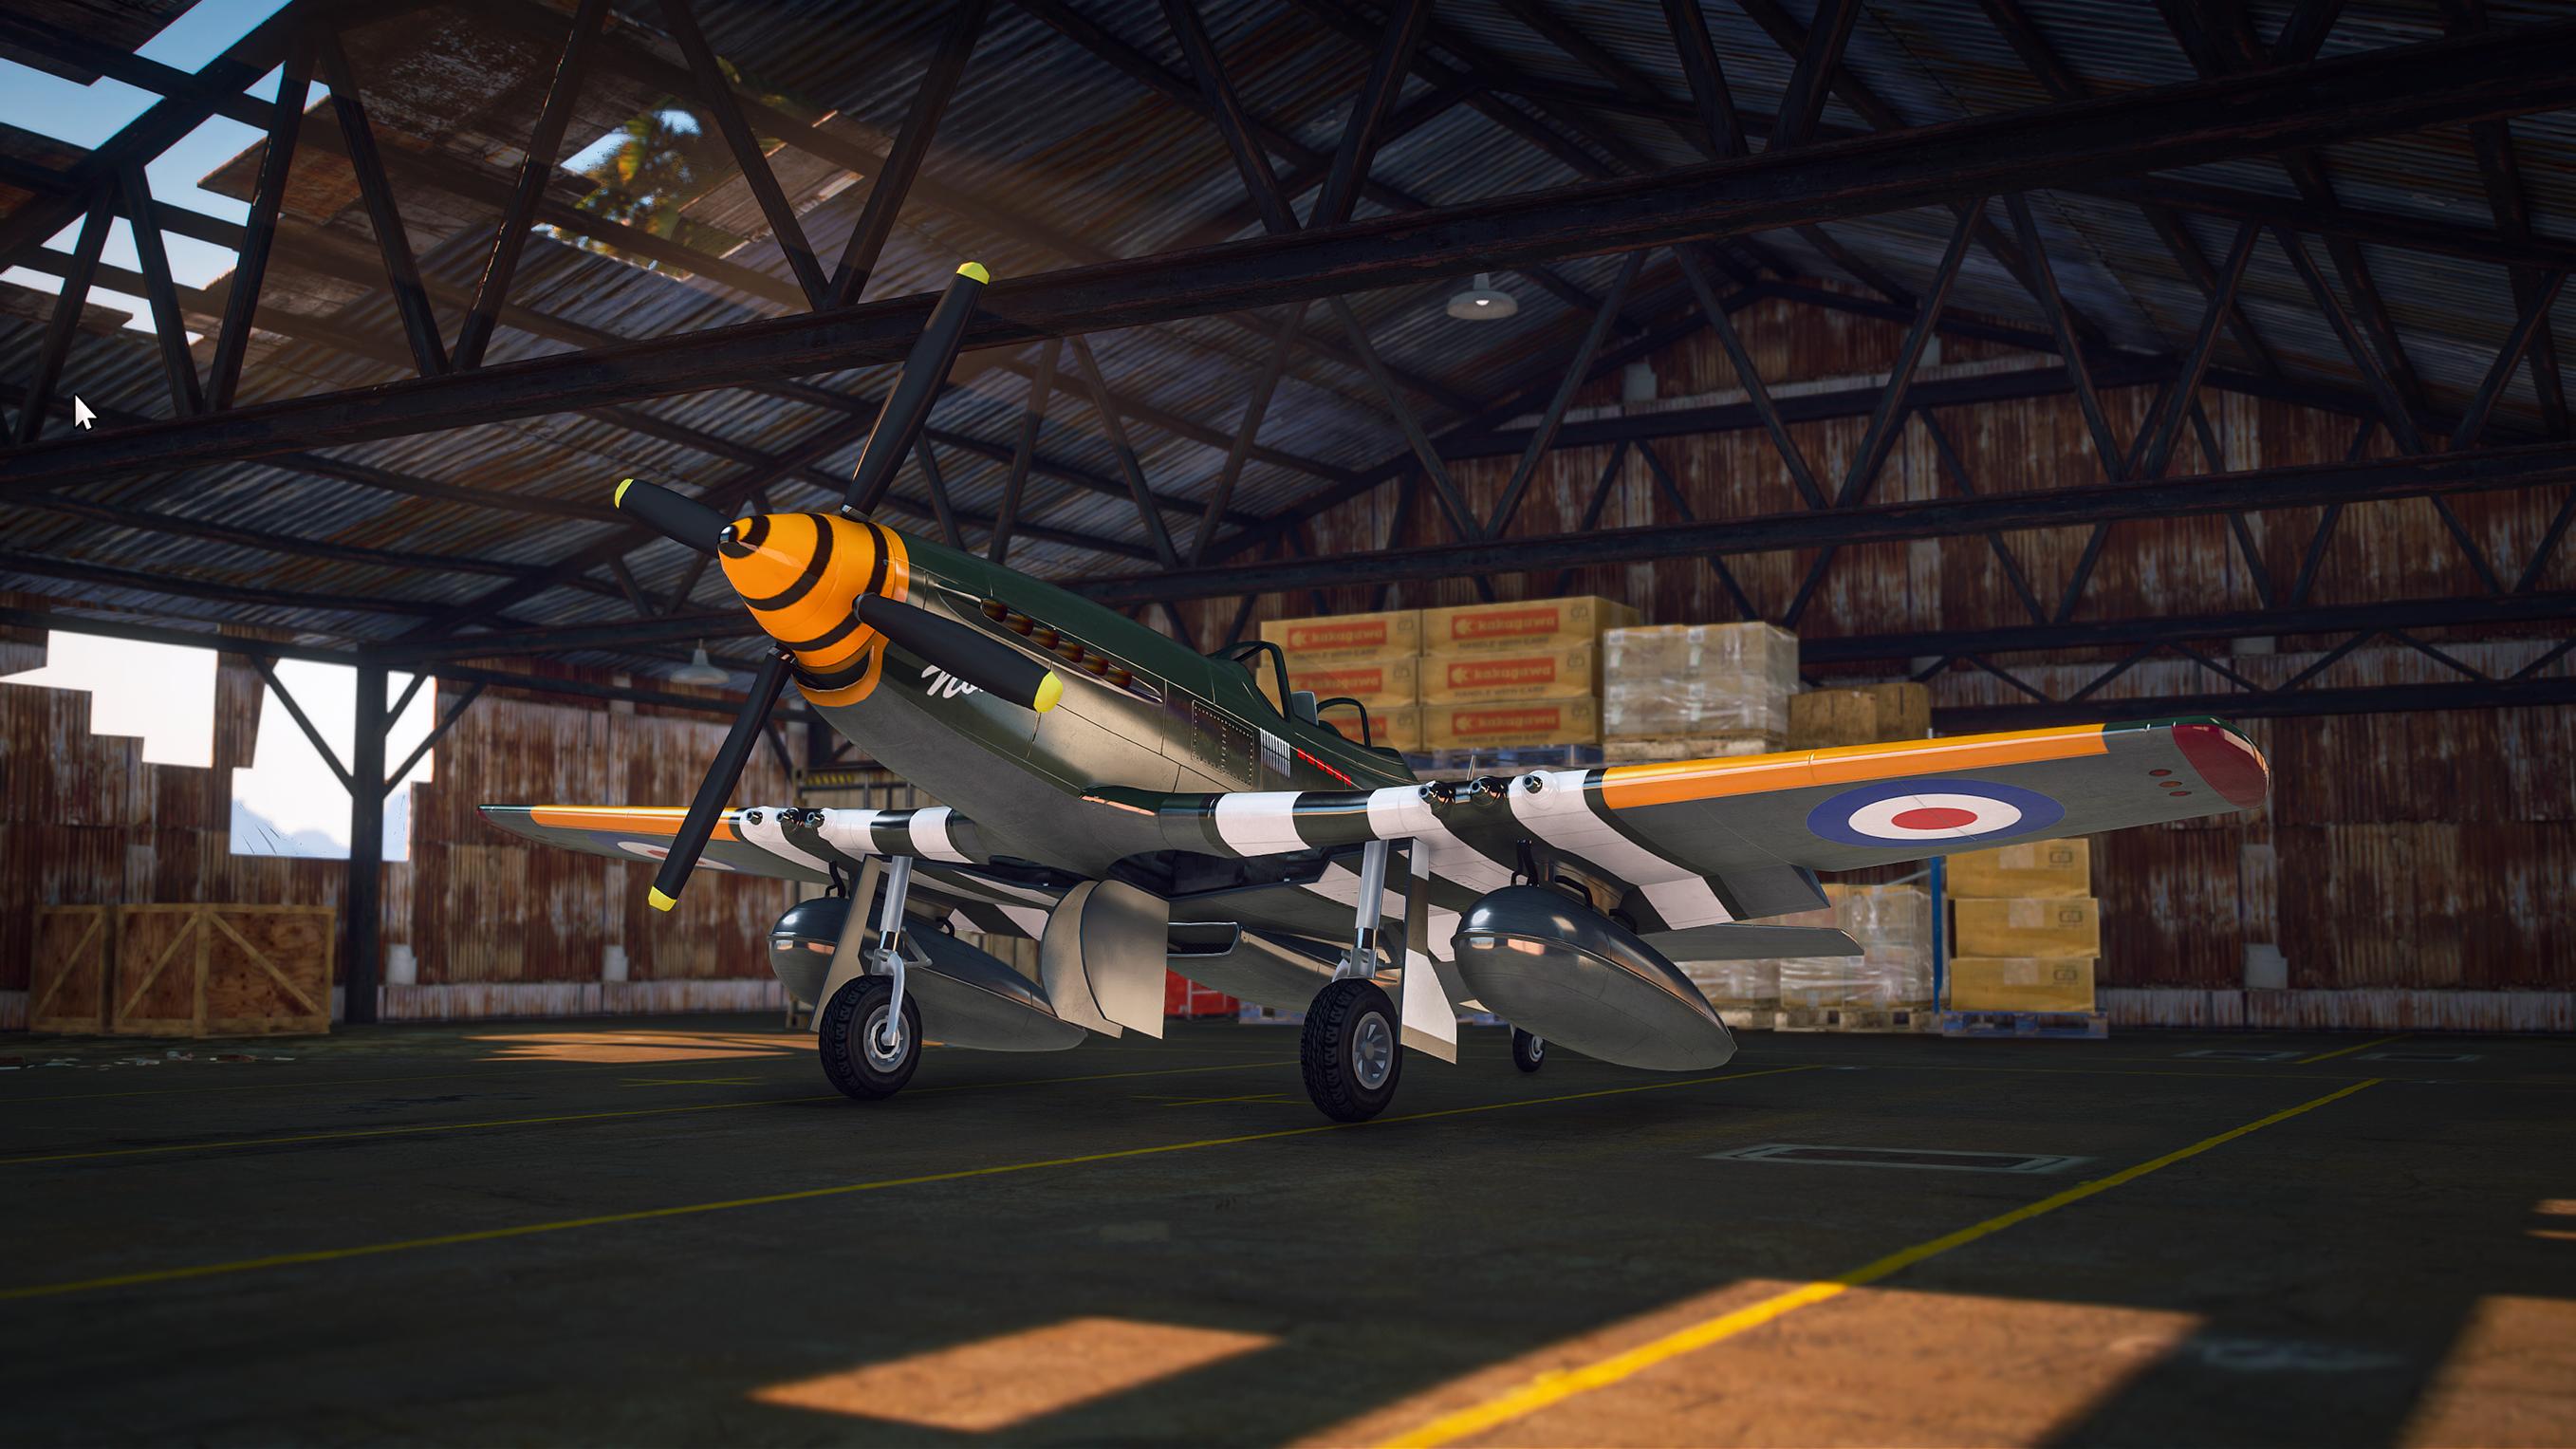 Grand_Theft_Auto_V_Screenshot_2020.10.11